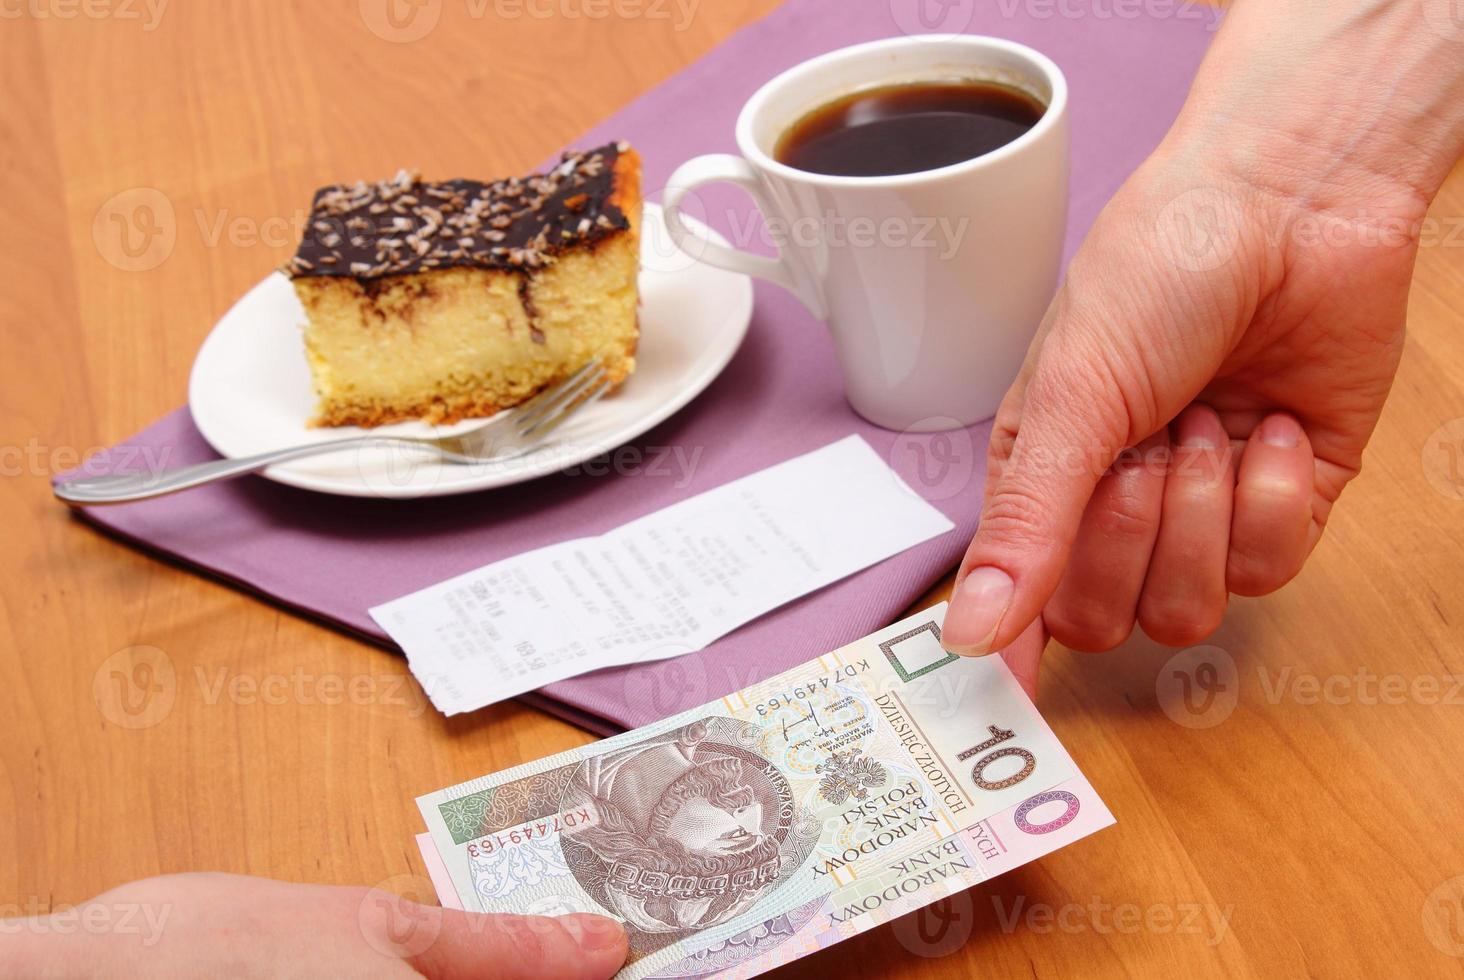 pagando por cheesecake e café no café, conceito de finanças foto